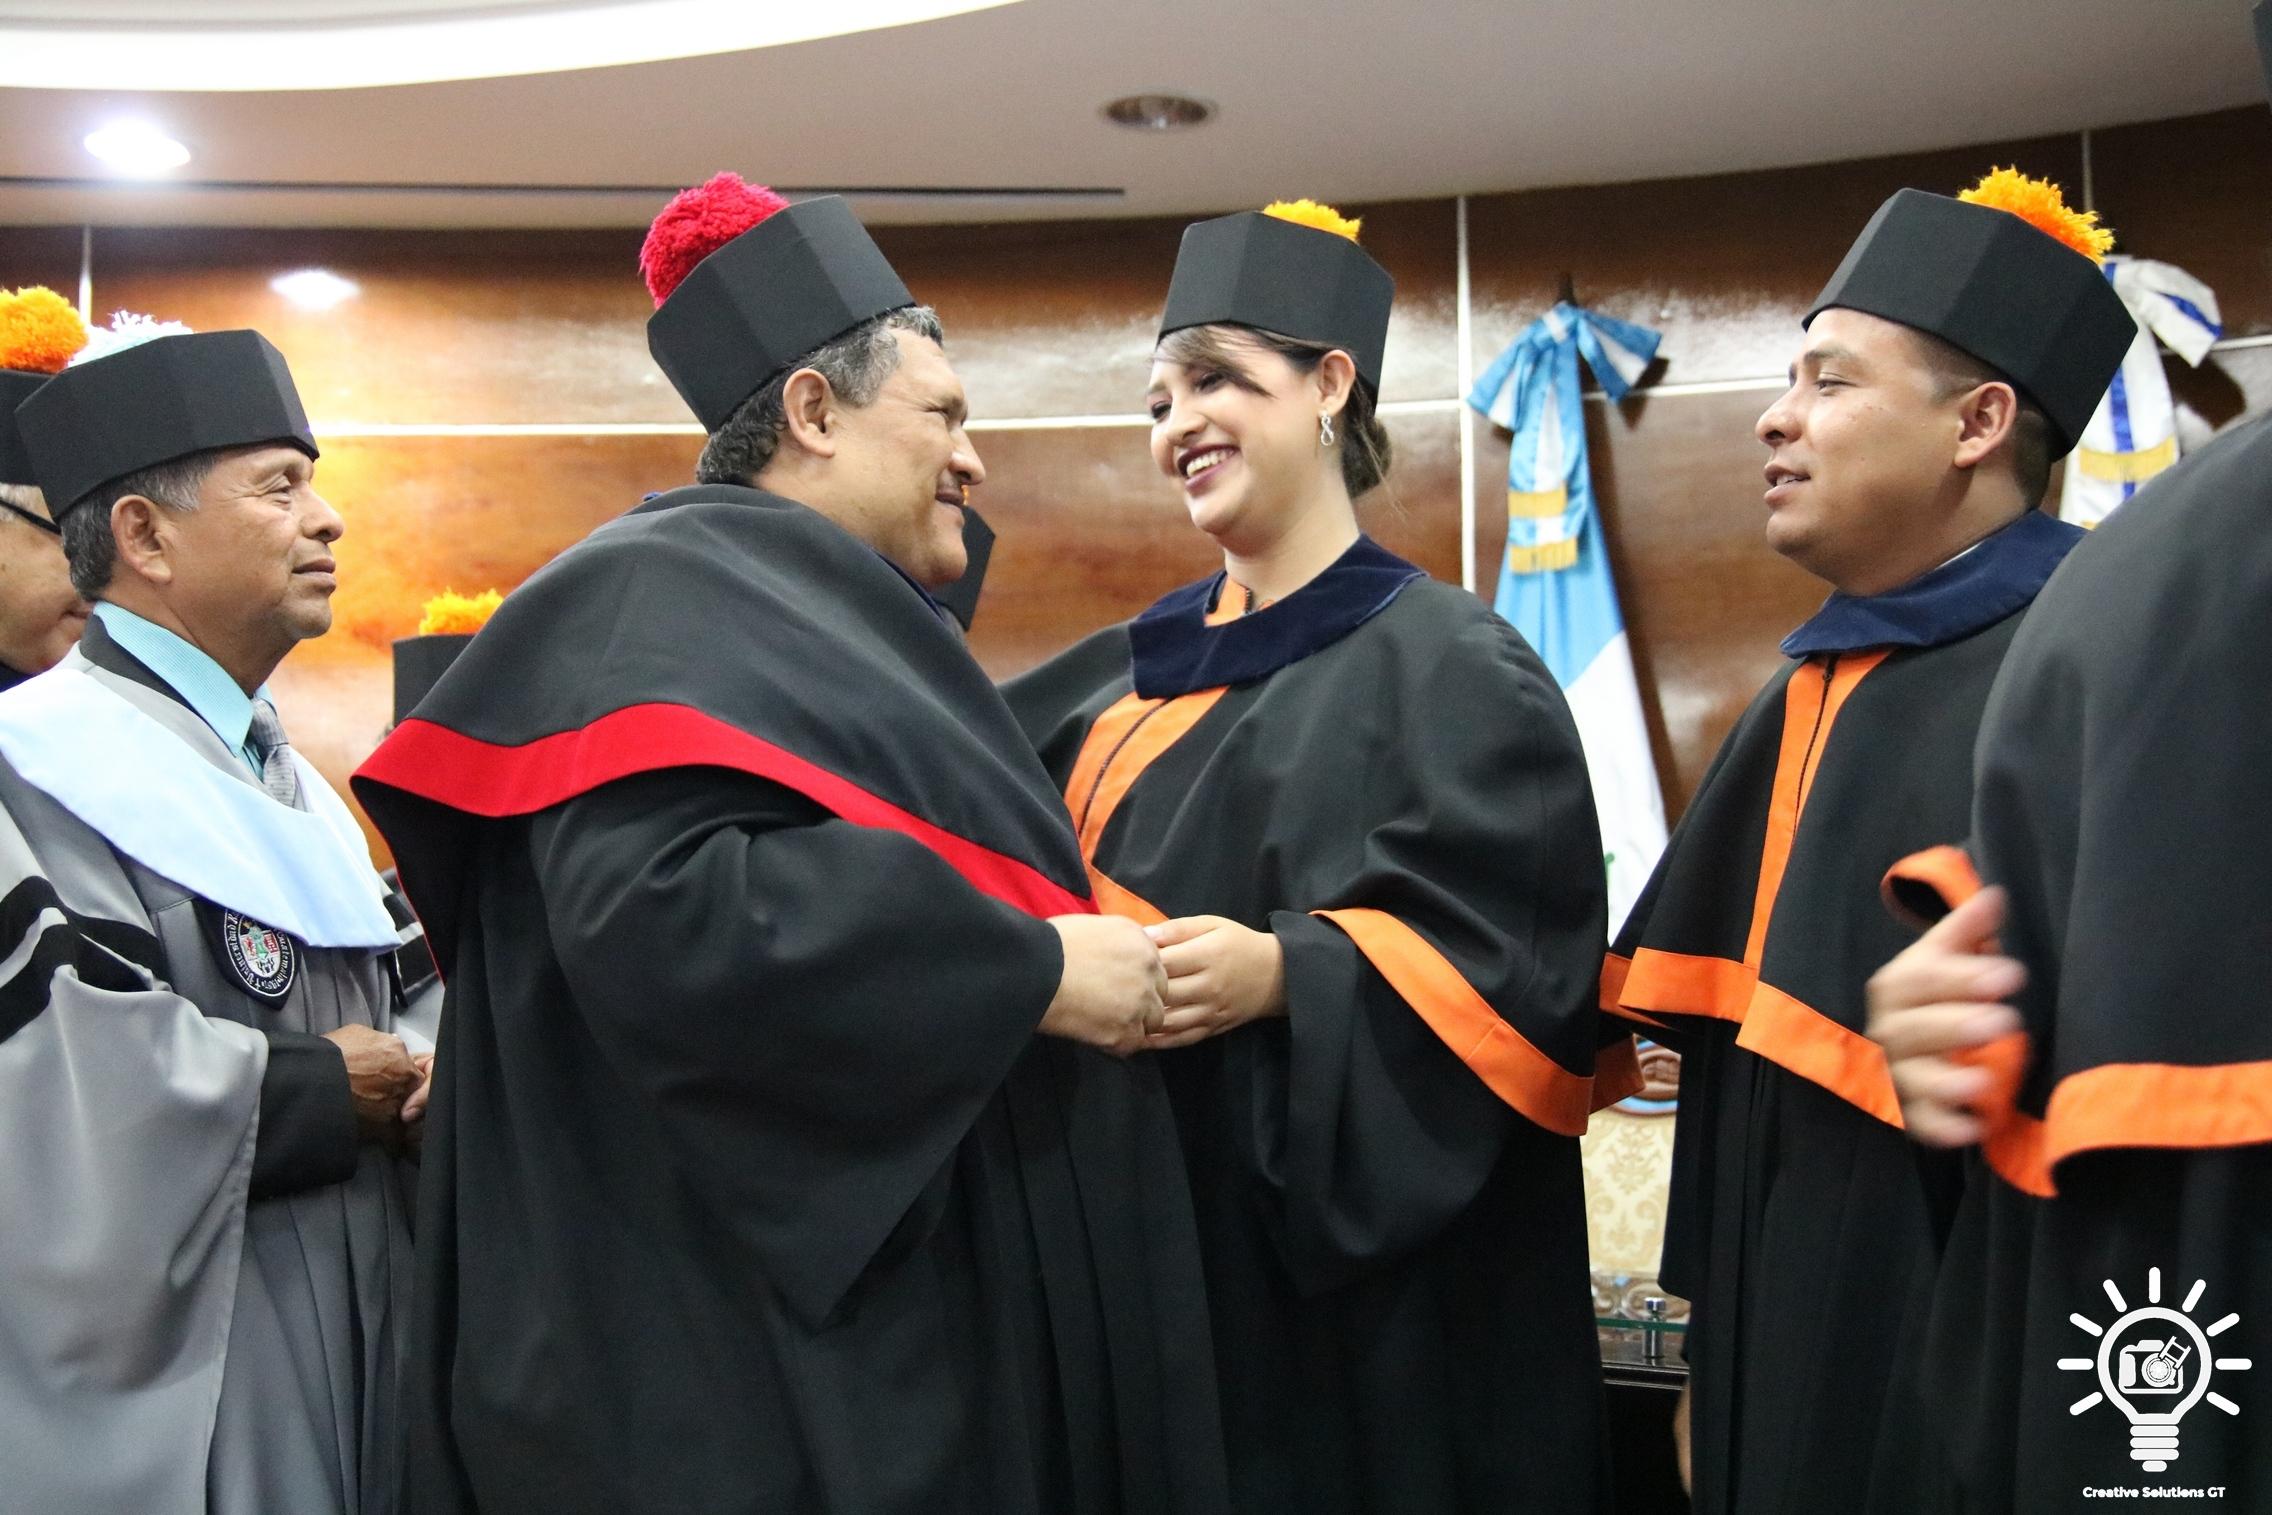 fotografia y video para graduaciones en guatemala